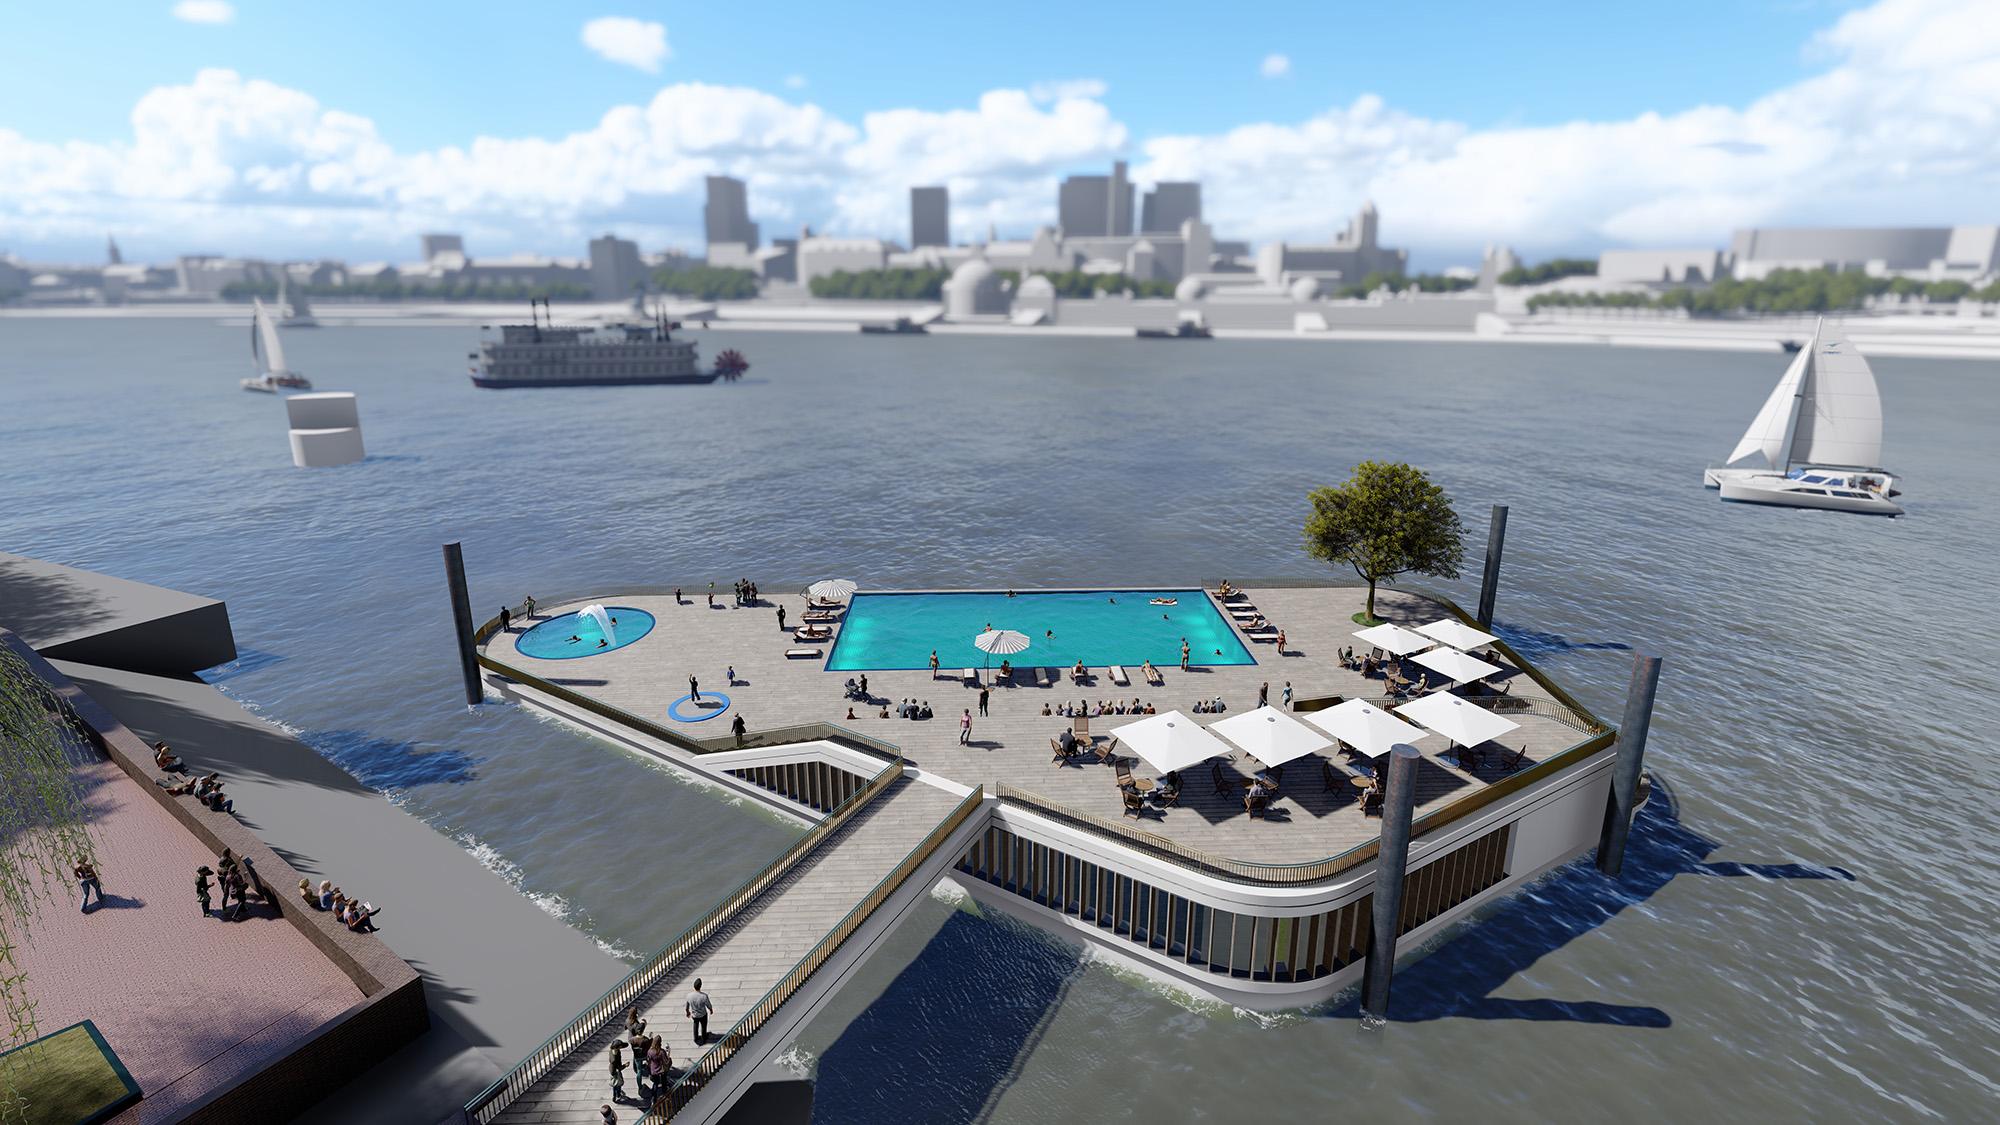 In der Hansestadt soll ein Badeponton in der Elbe entstehen. Das Architektenbüro RBA Reimer Breuer hat einen Badeponton entworfen, der am Südufer der Norderelbe schwimmen soll. Standort soll der Bornsteinplatz in Steinwerder werden, nahe des Ausgangs des Alten Elbtunnels